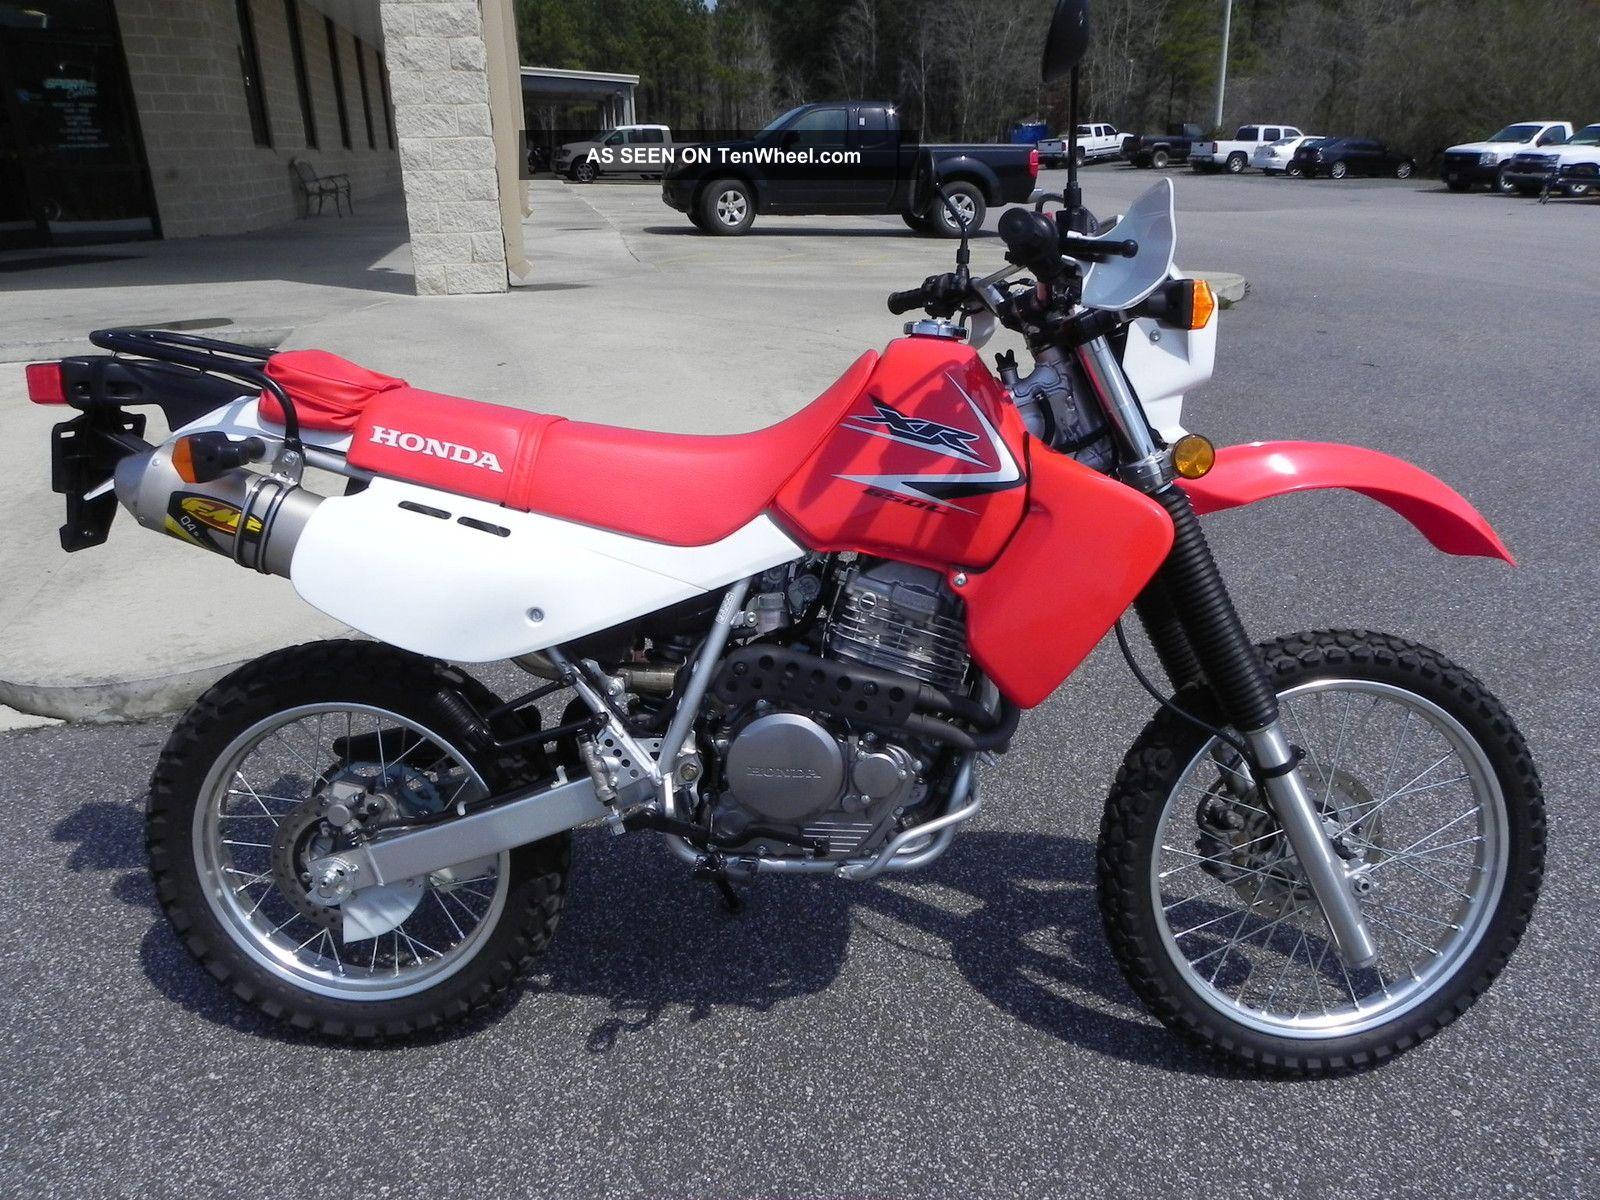 2009 Honda Xr650l Xr650 Xr 650 Dual Sport